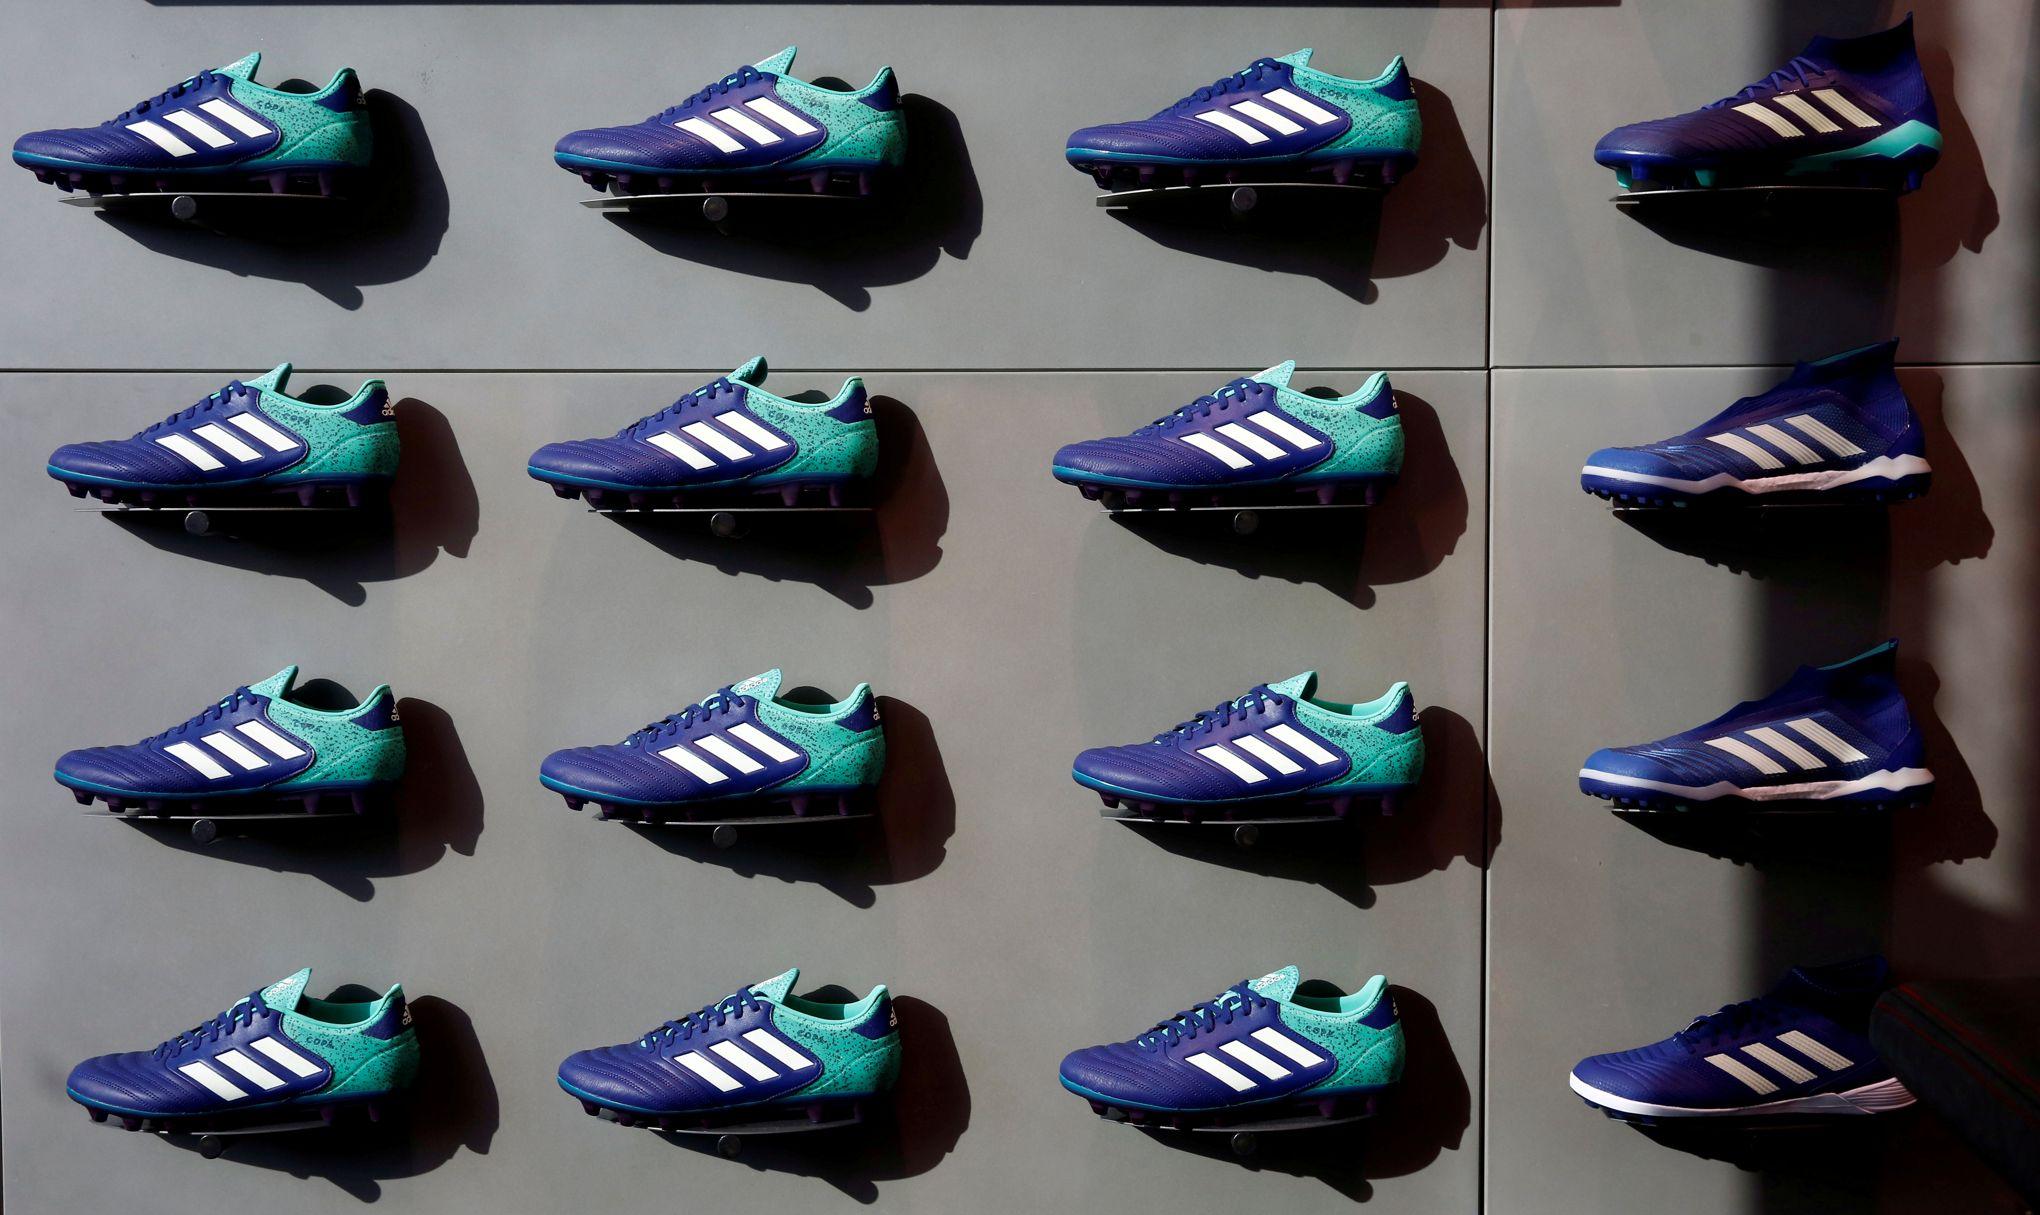 Le Reprend Couleurs Partout Dans Adidas Des Monde zVqSLMUpG